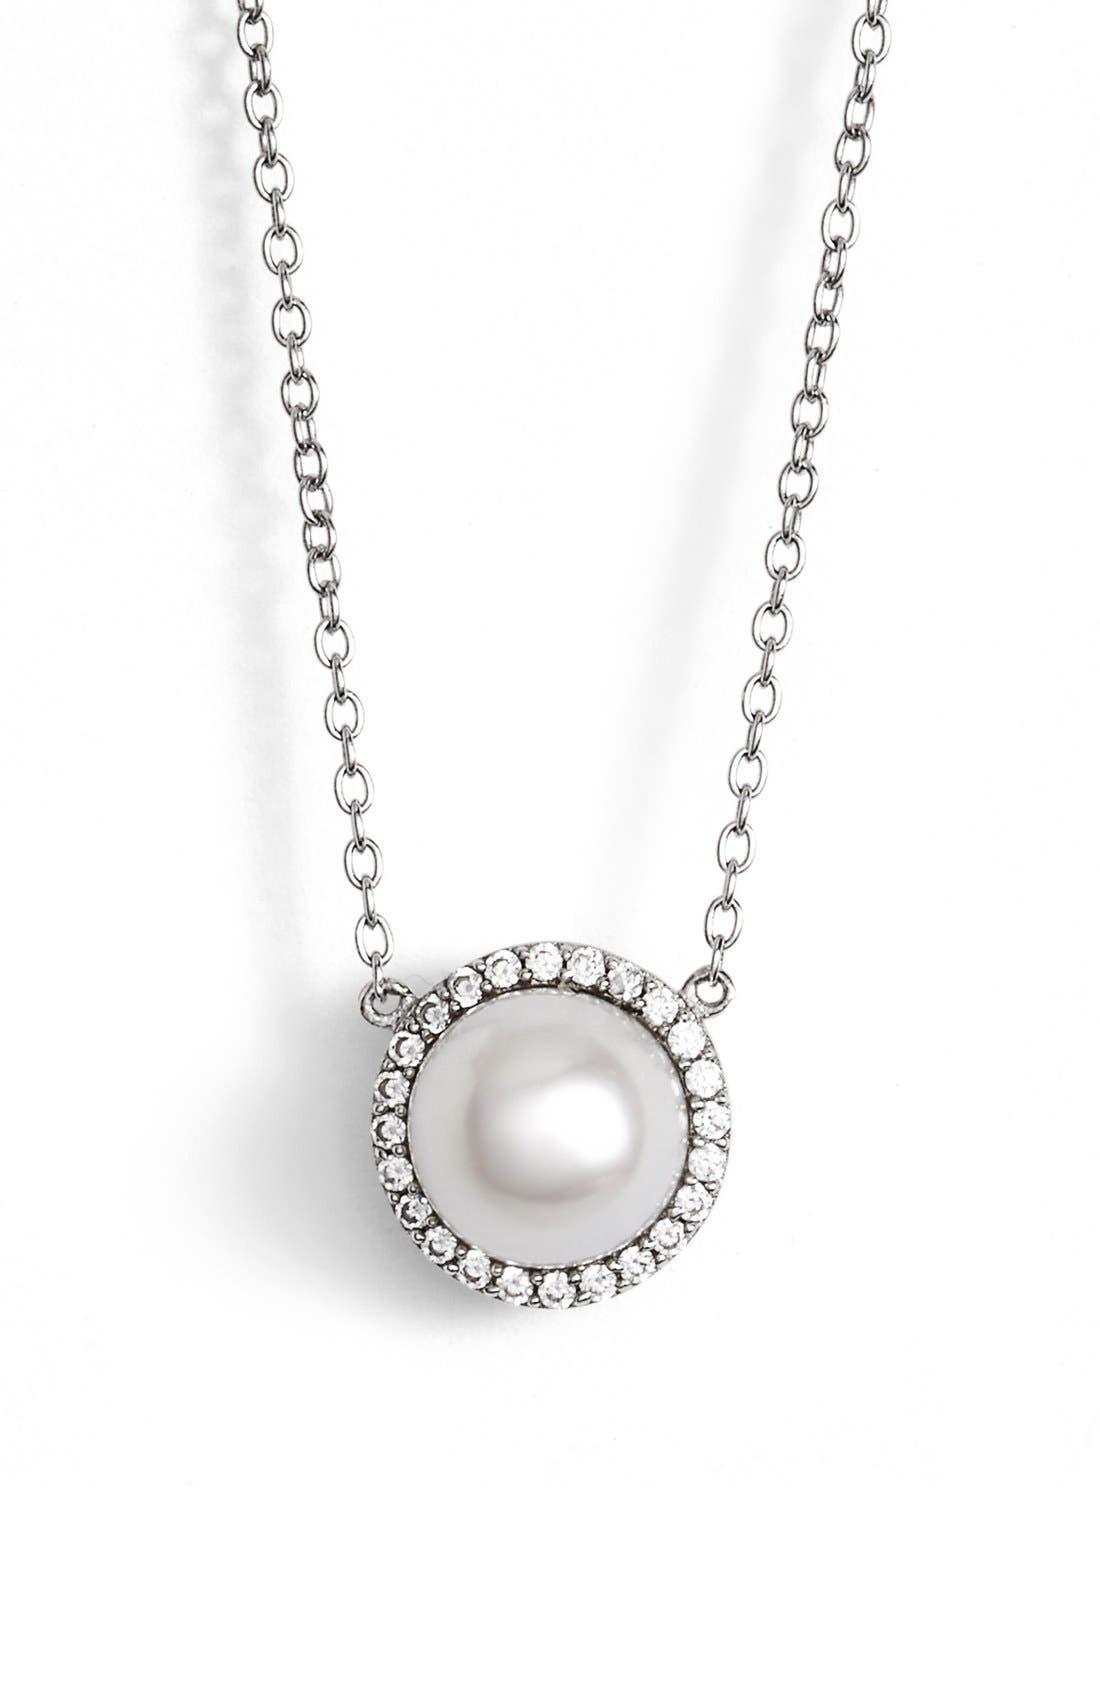 LAFONN 'Lassaire' Pearl Pendant Necklace